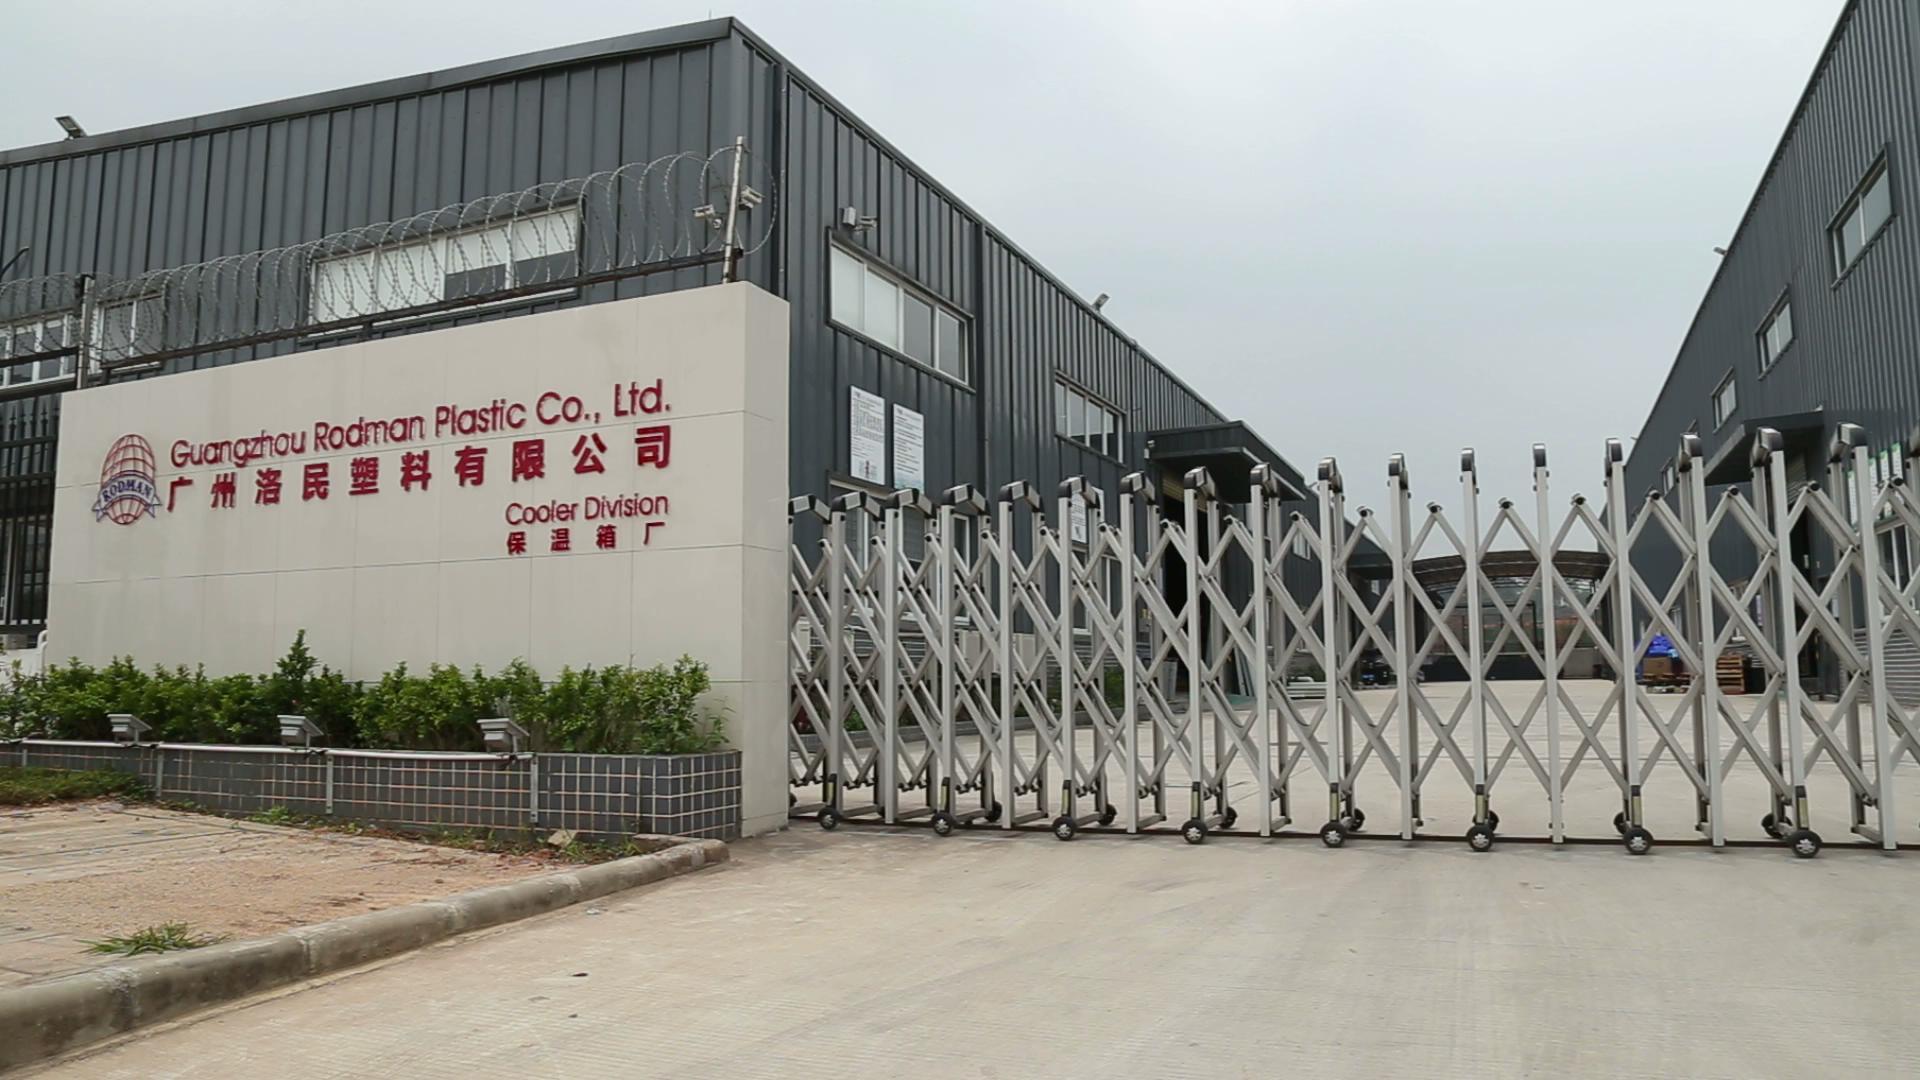 Guangzhou Rodman Plastics Company - Cooler Division Exterior